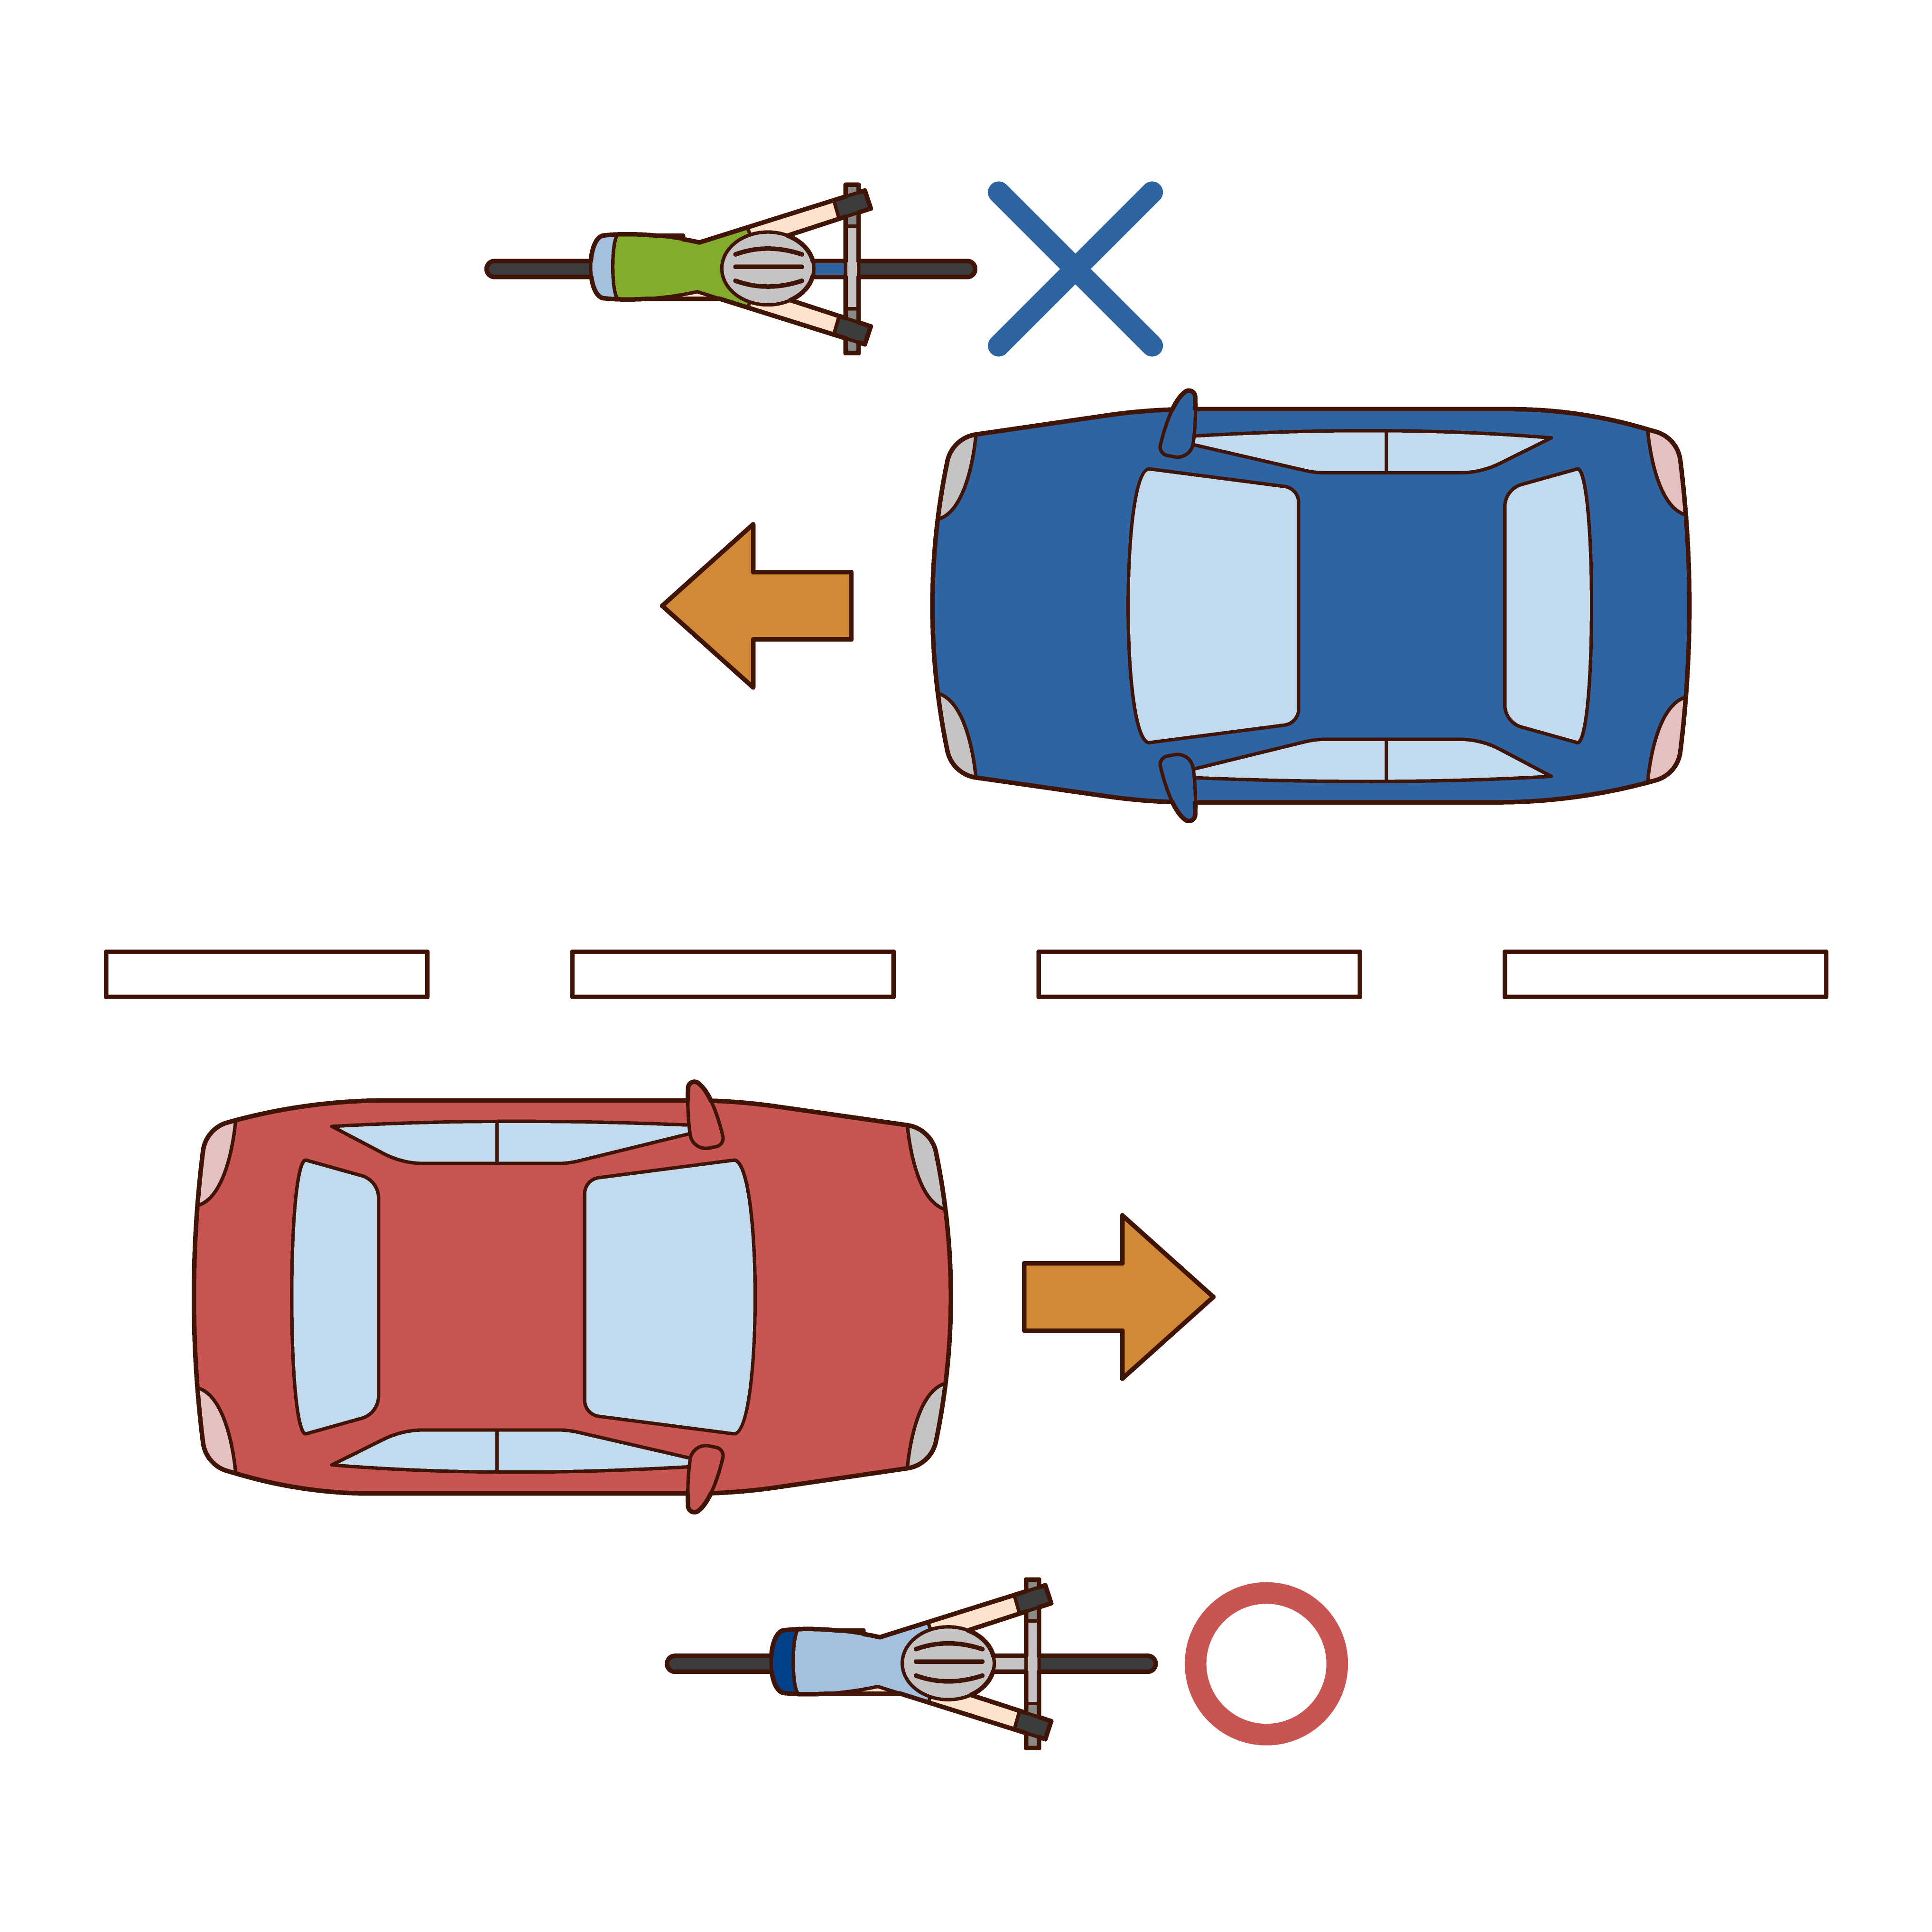 自転車は右車線を走るルールのイラスト